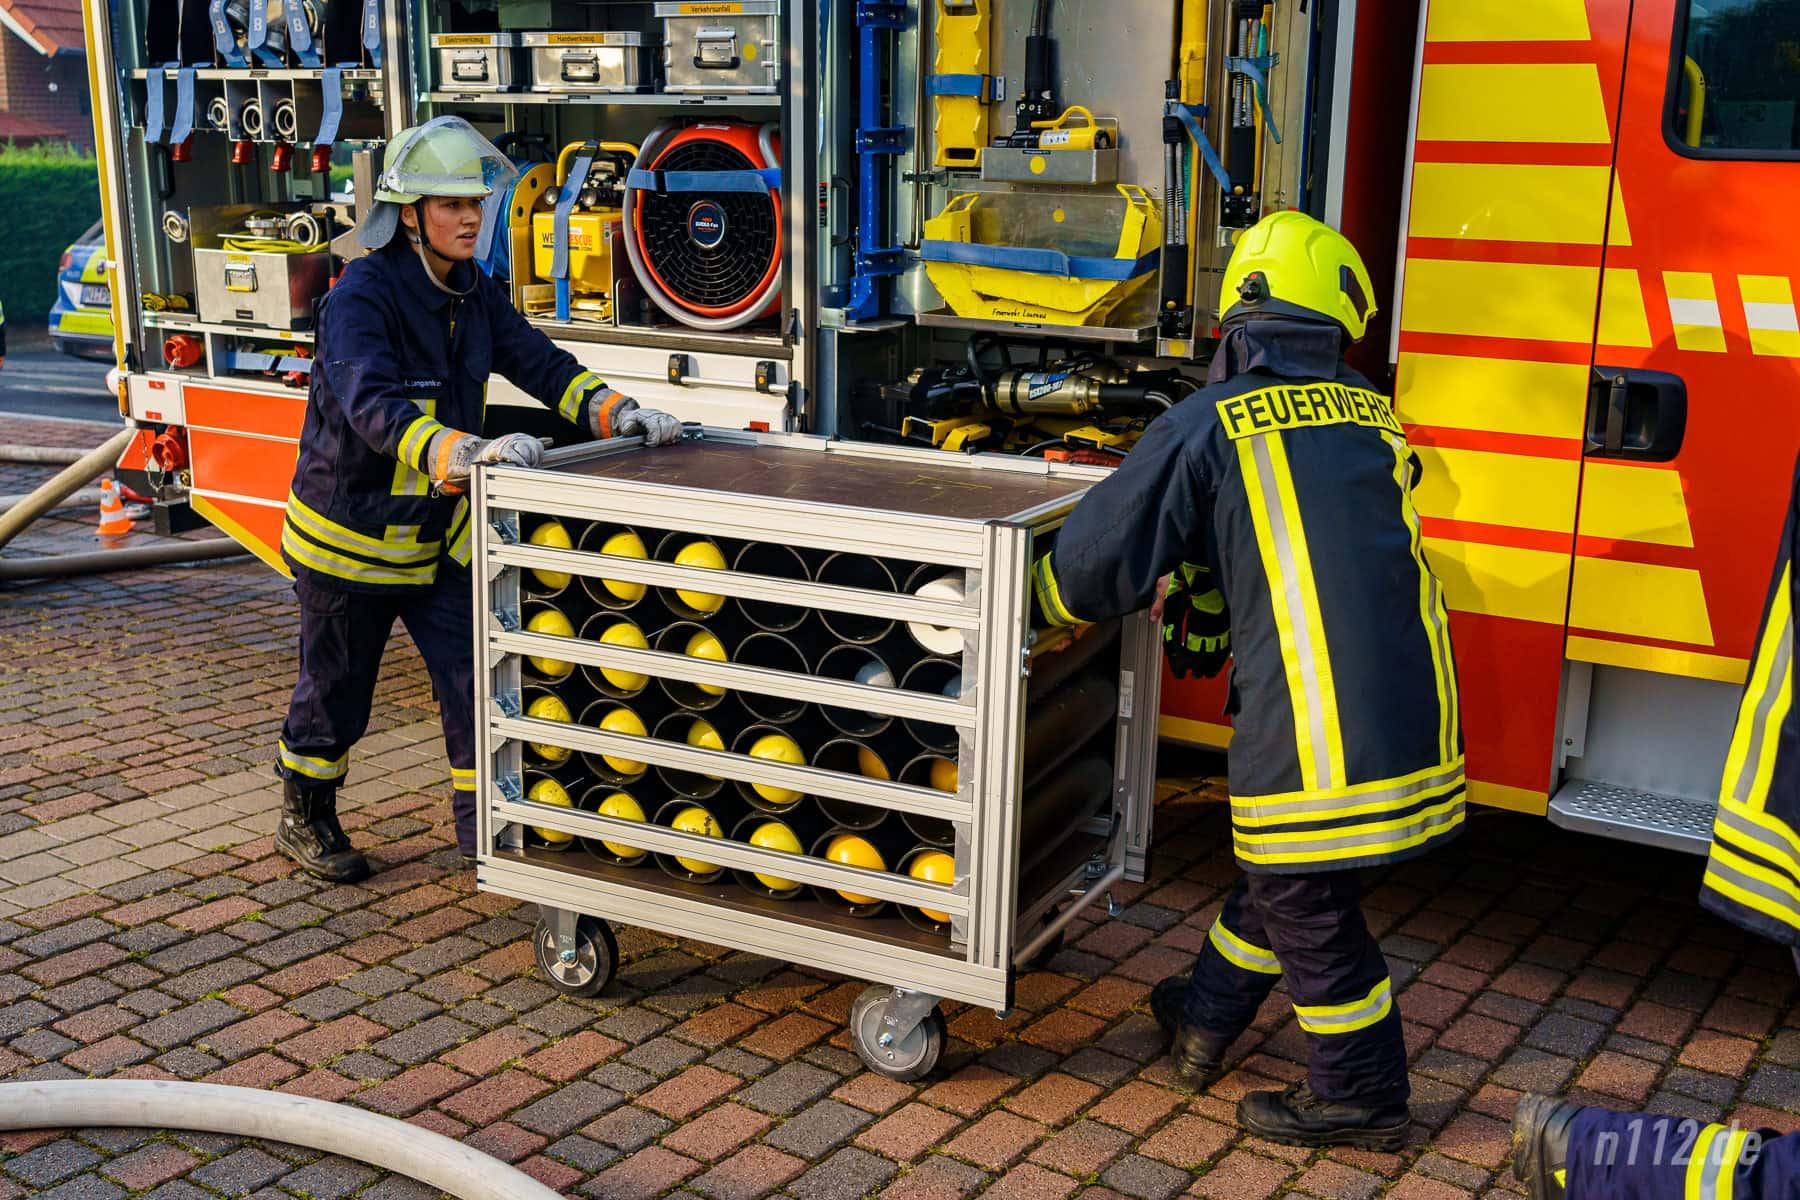 Ein Gestell mit Atemschutzflaschen wird zur Einsatzstelle gerollt (Foto: n112.de/Stefan Simonsen)